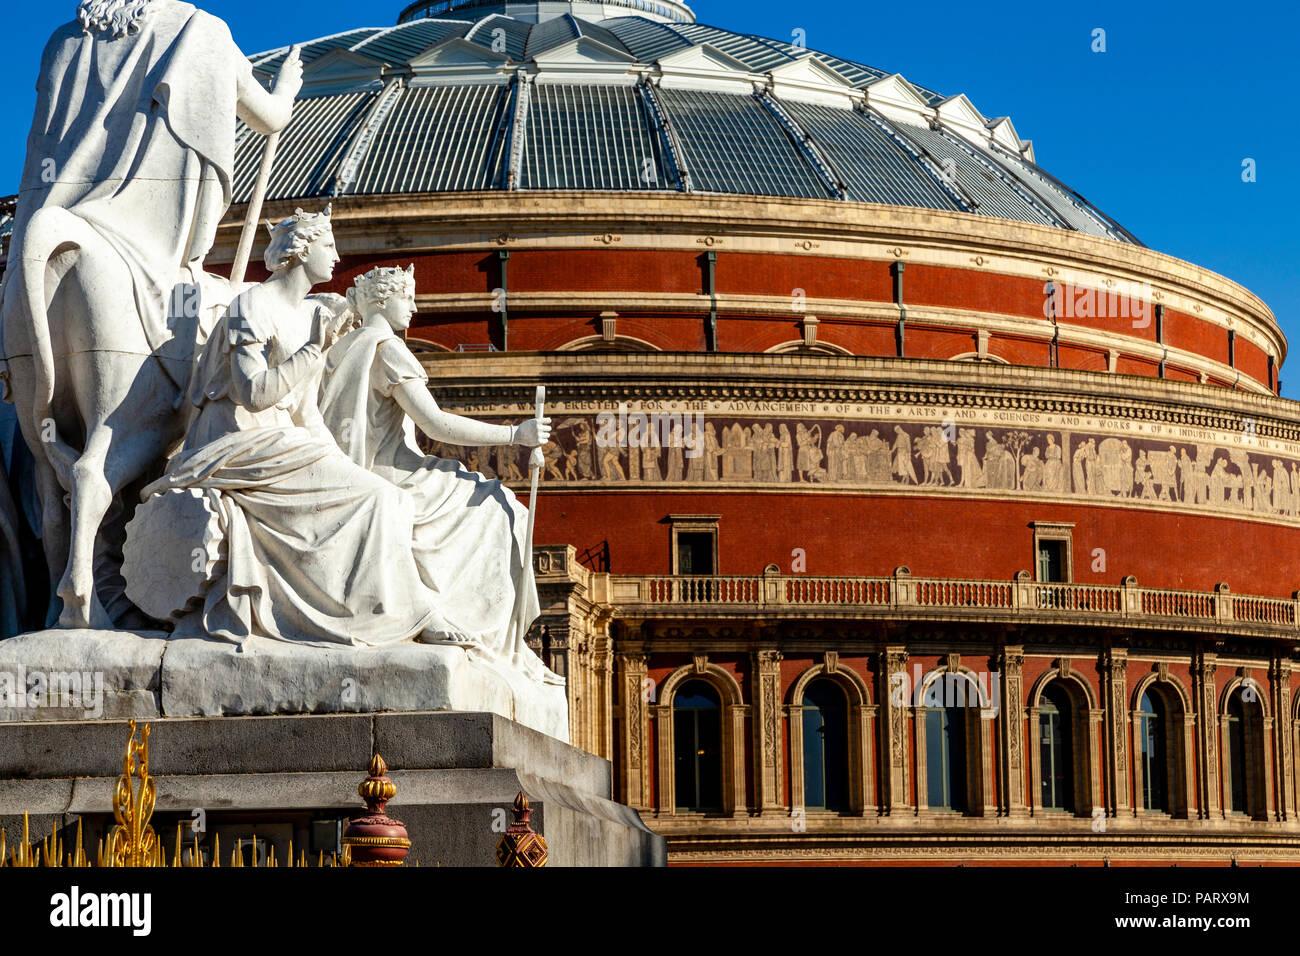 El Albert Memorial estatua y el Royal Albert Hall, los Jardines de Kensington, Londres, Reino Unido. Imagen De Stock